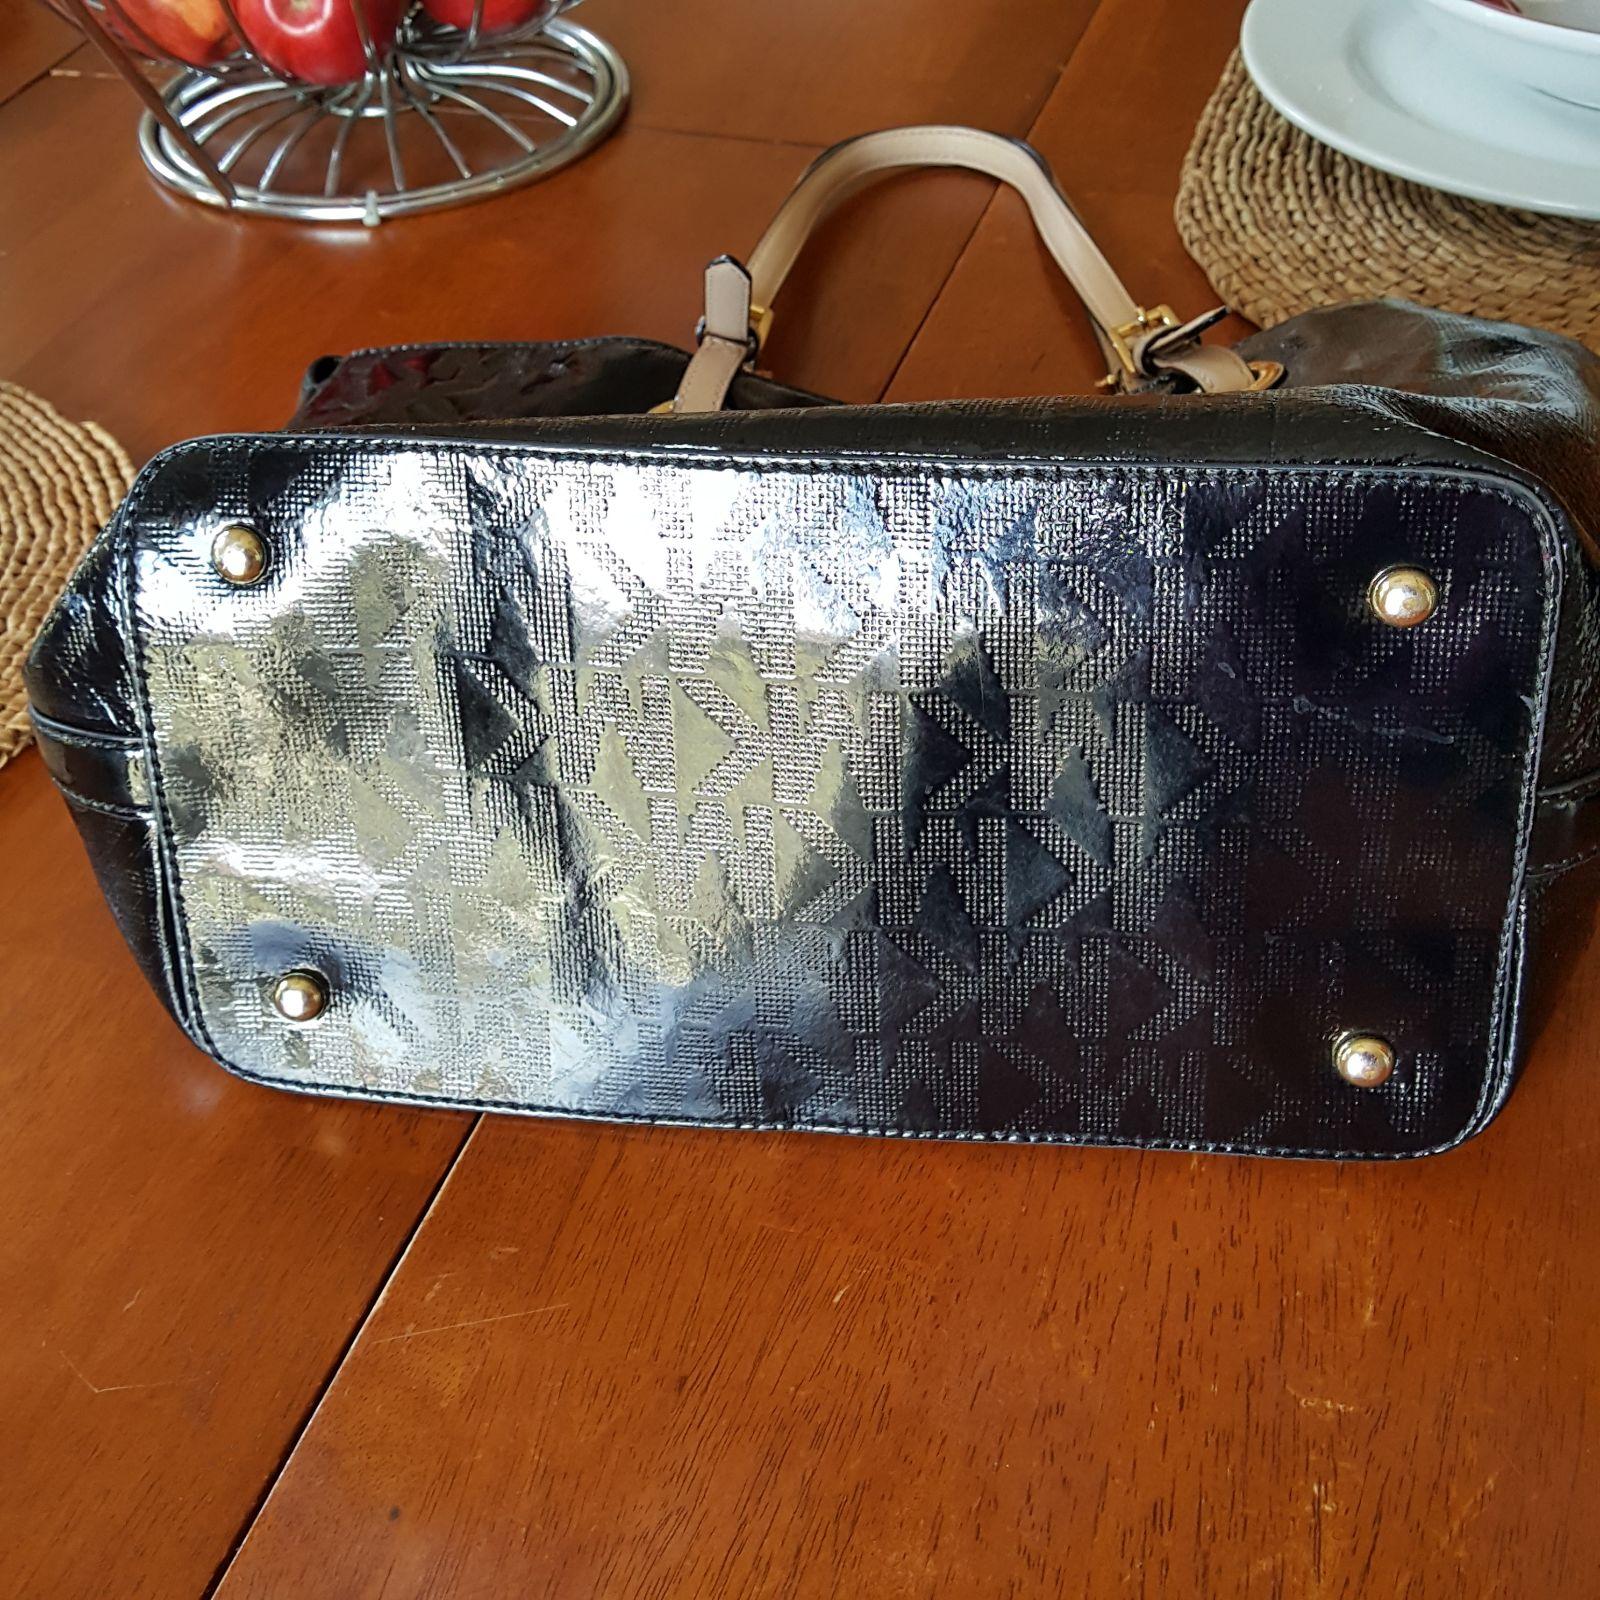 Michael Kors Jet Set Tote Grab Bag